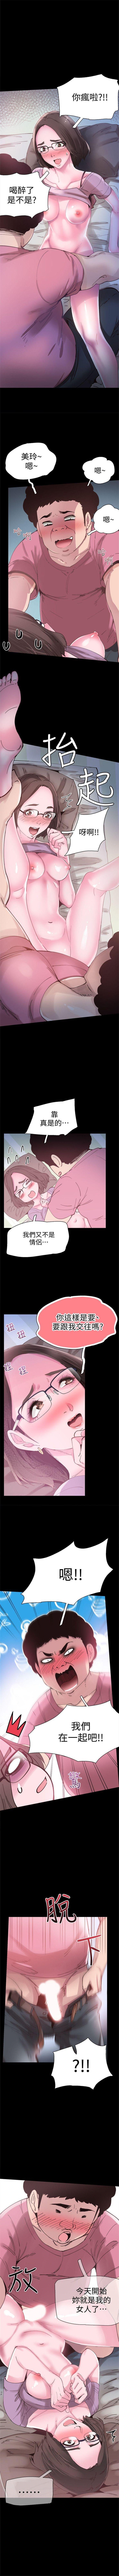 校园live秀 1-20 中文翻译(更新中) 31